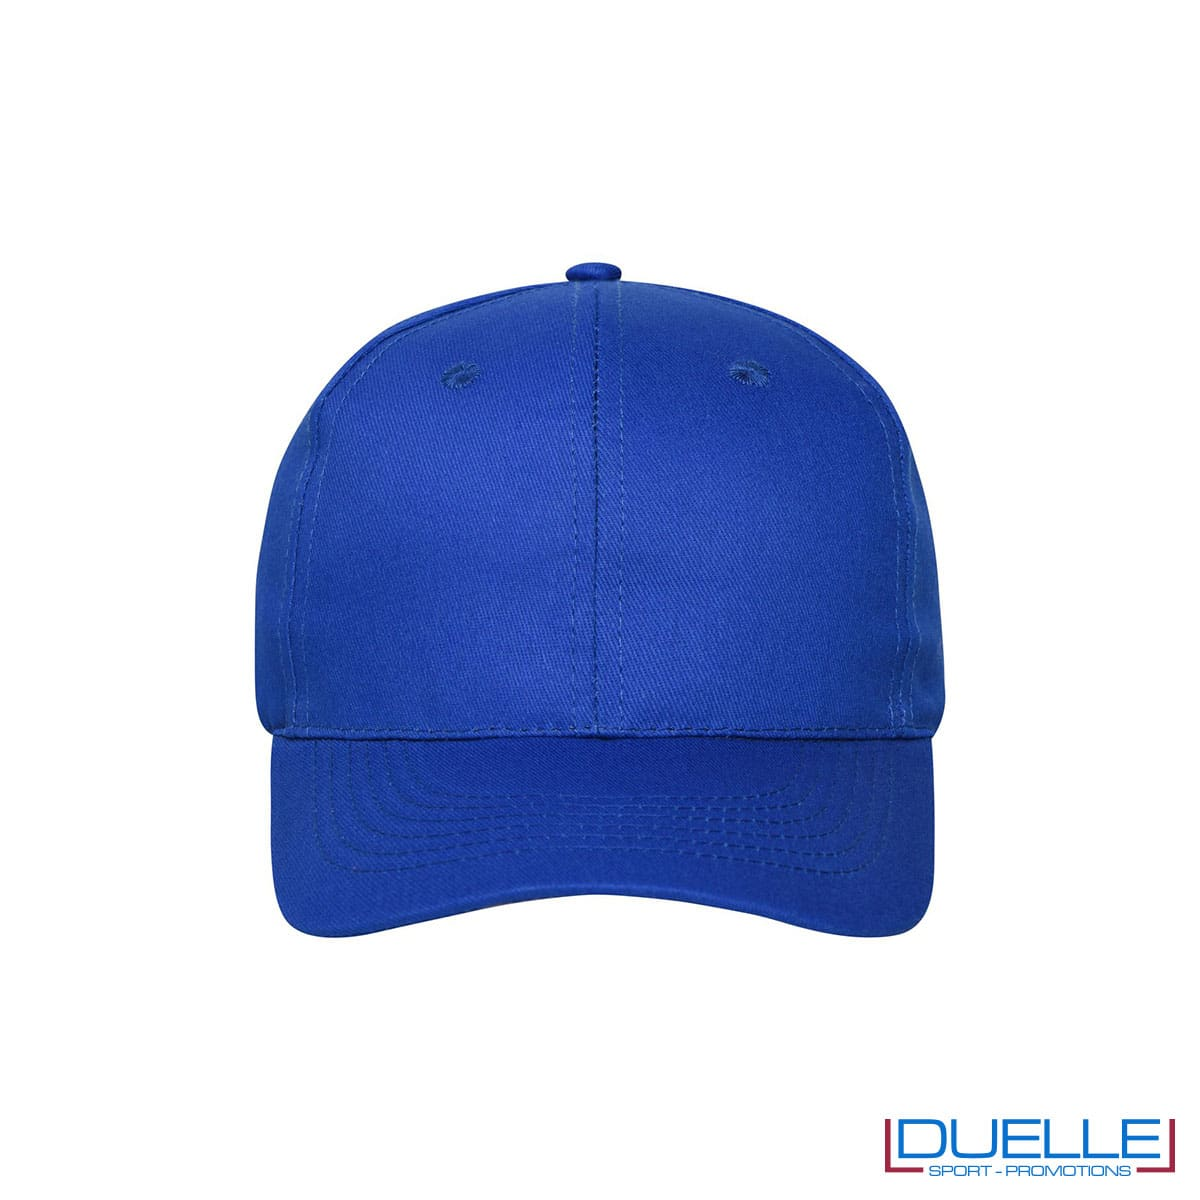 Cappellino cotone organico 6 pannelli colore blu royal